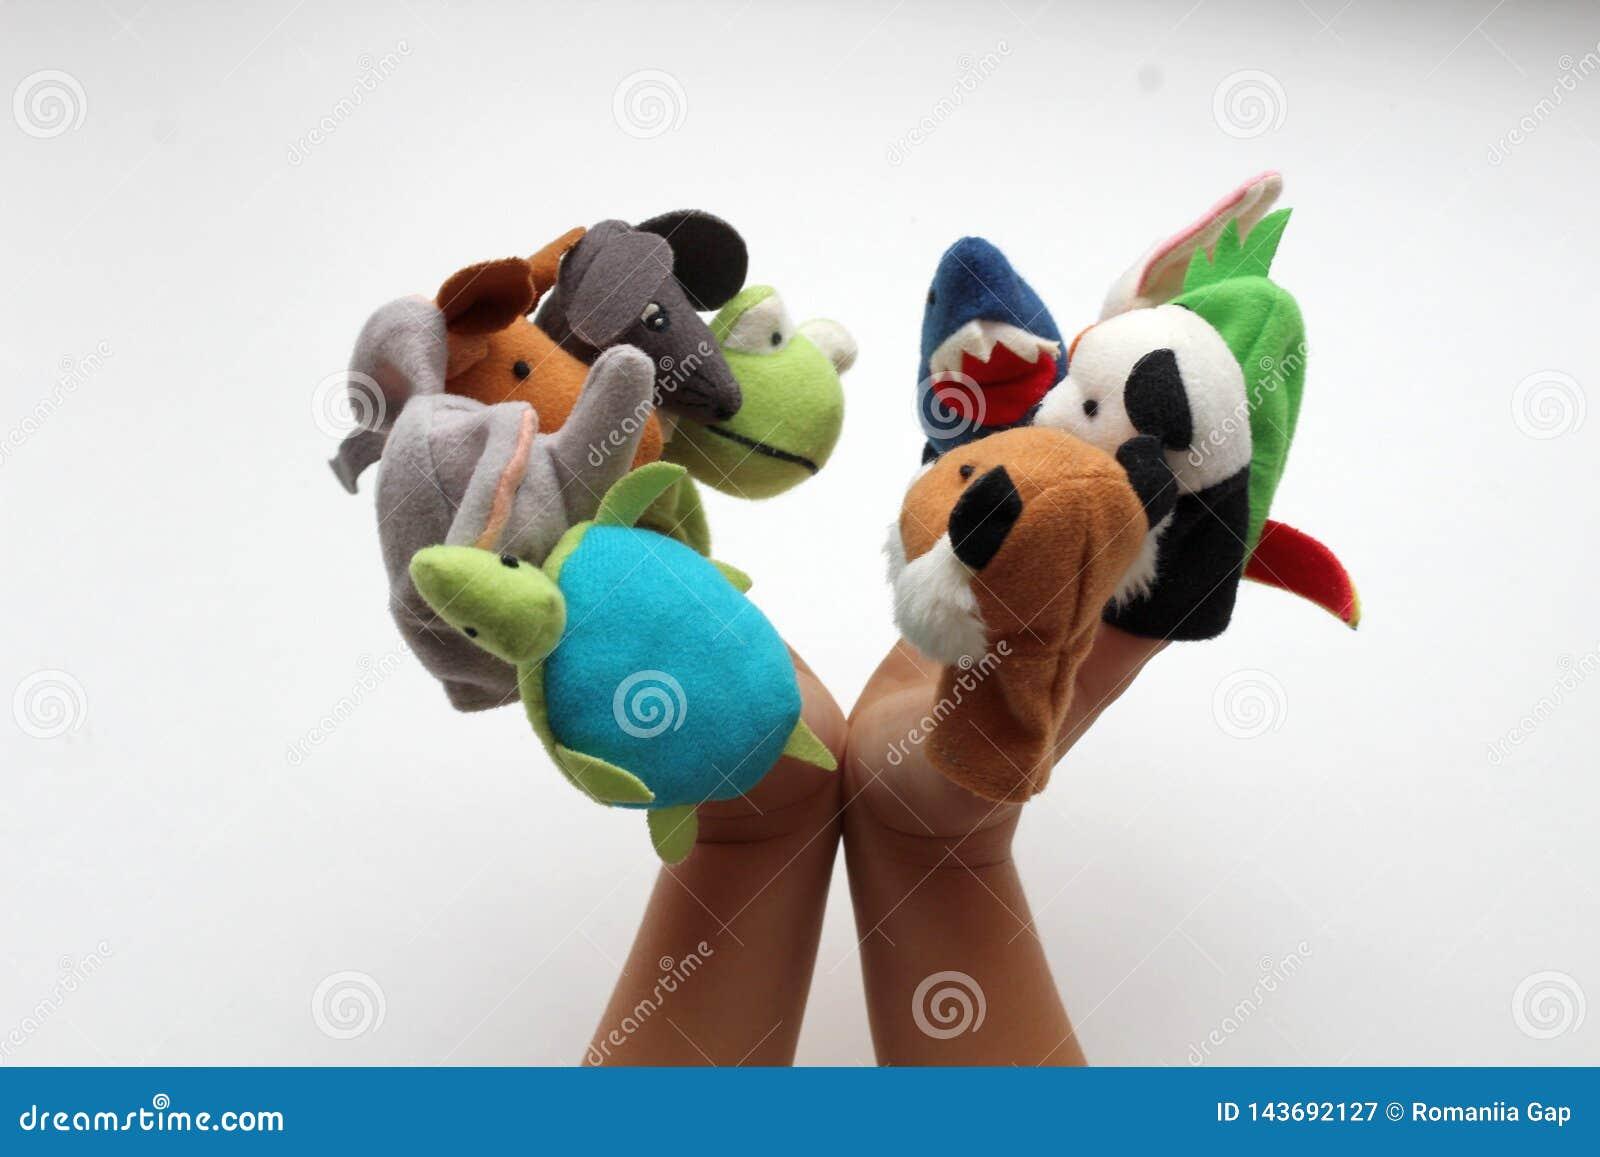 Voor kleine babyvingers, de zachte dieren van het speelgoedspel in een poppentheater